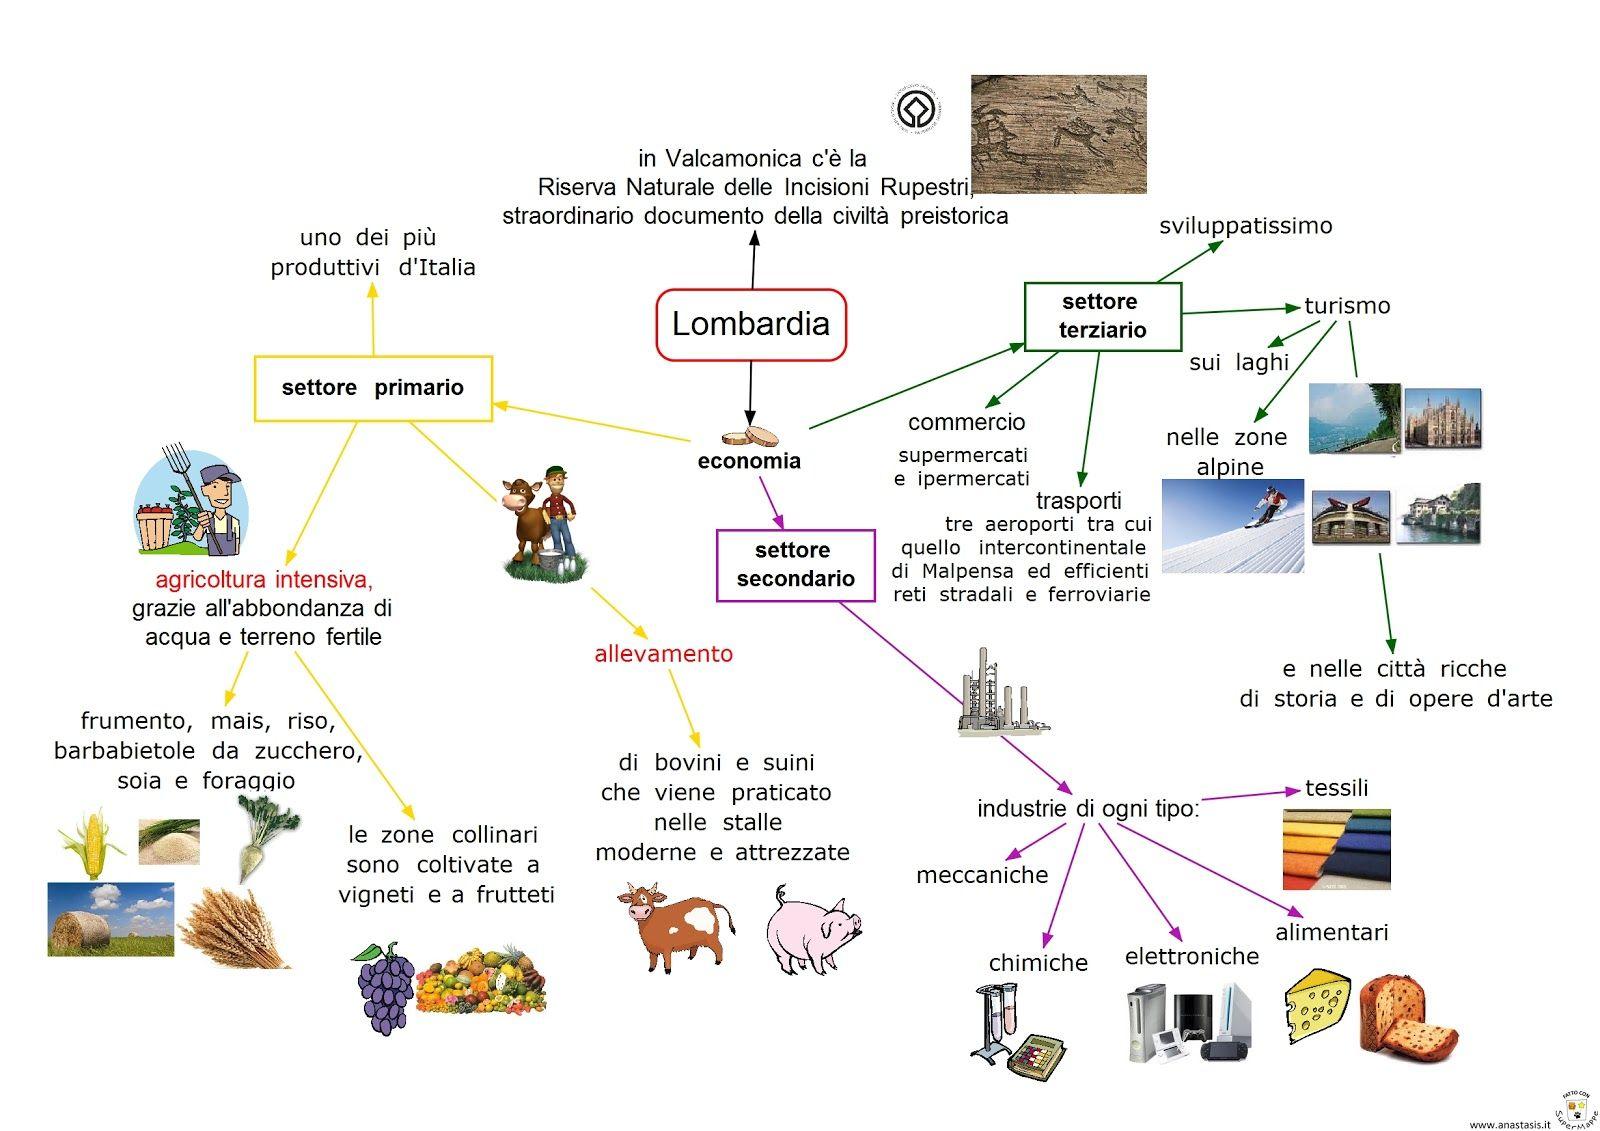 Cartina Economica Lombardia.Paradiso Delle Mappe Lombardia Attivita Economica Attivita Geografia Mappe Mappe Concettuali